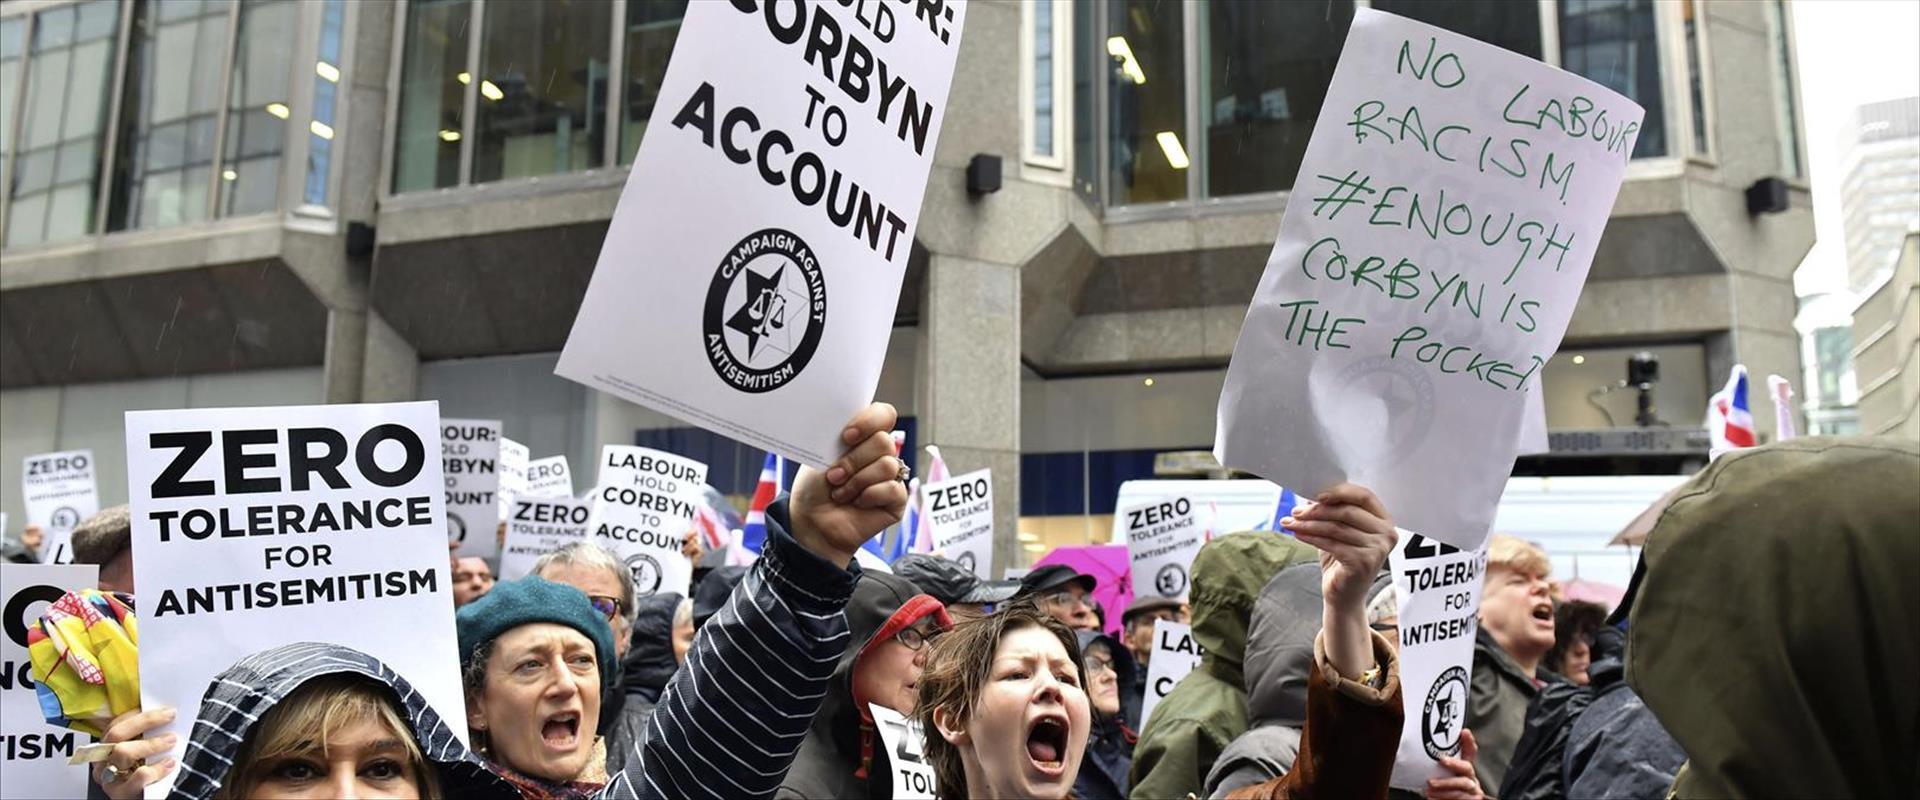 הפגנה נגד האנטישמיות של הלייבור בבריטניה